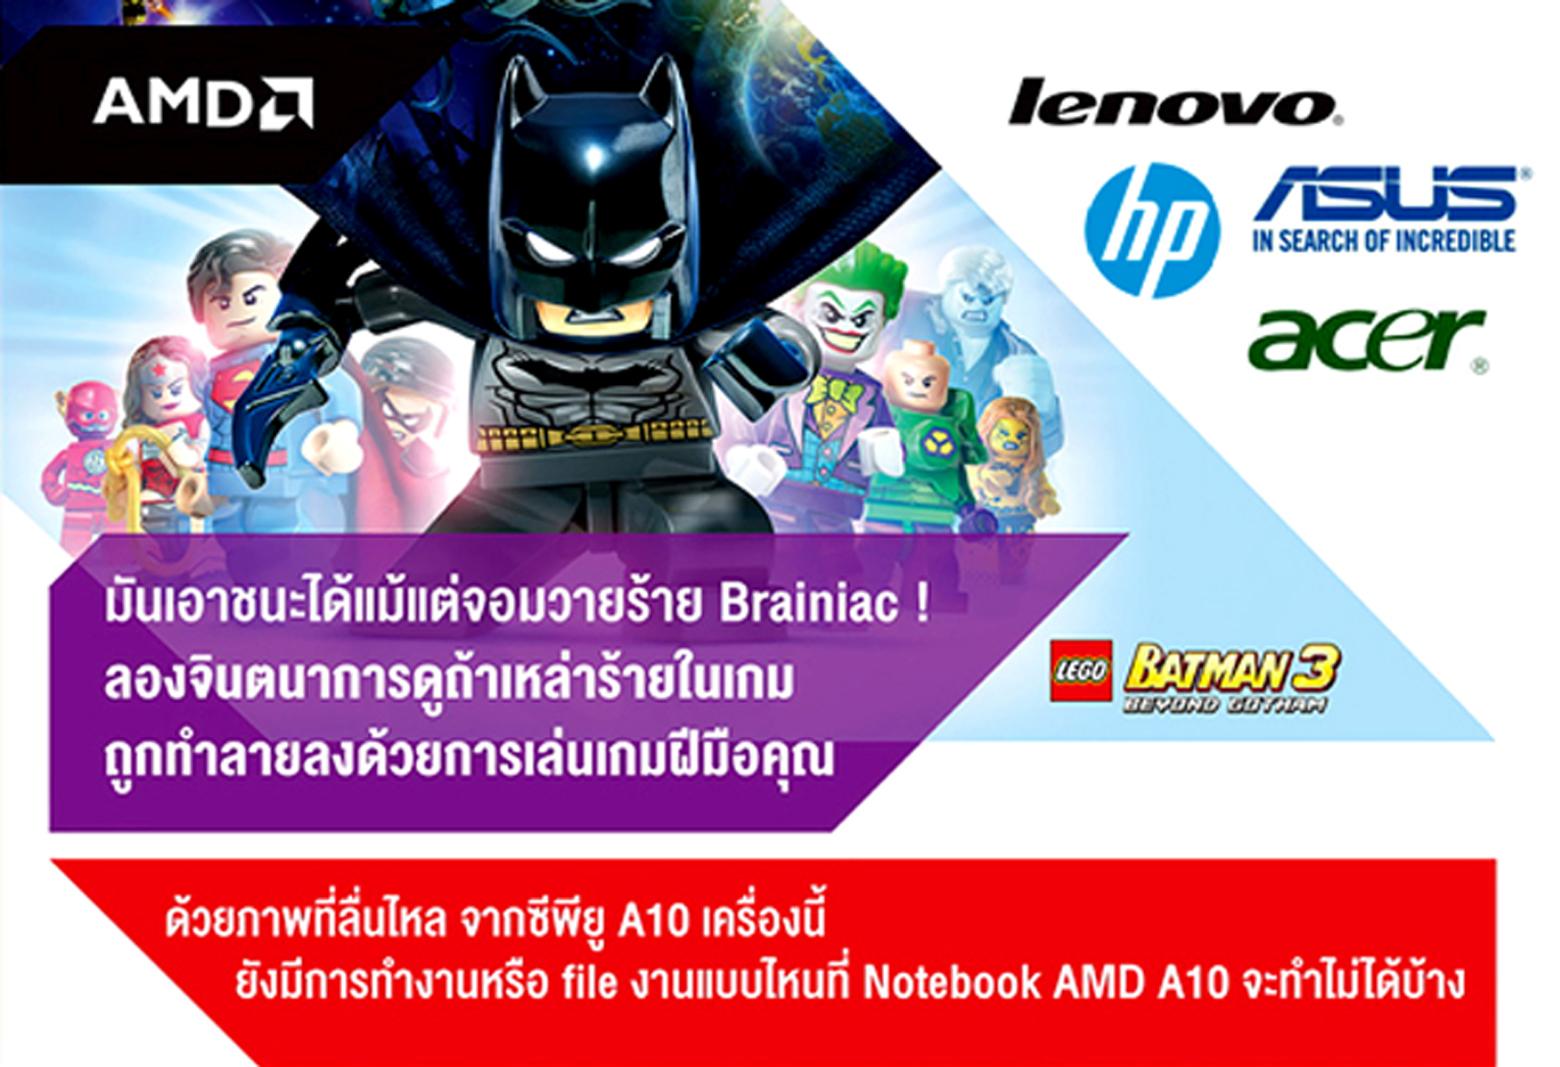 AMD_Partner_FreeGame-2